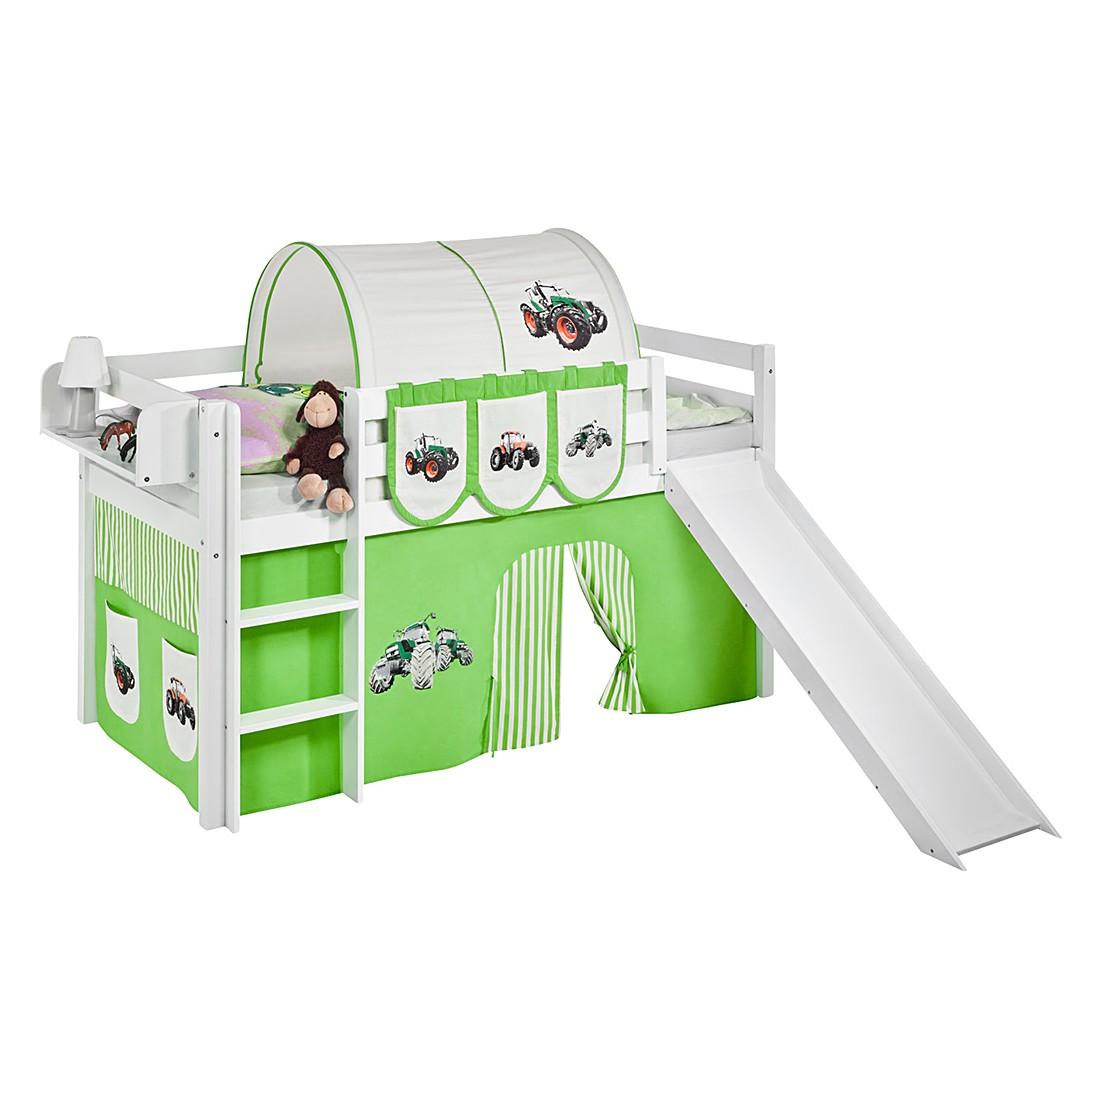 Spielbett JELLE Trecker Grün – Hochbett LILOKIDS – mit Rutsche und Vorhang – weiß – 90 x 190 cm, Lilokids günstig kaufen